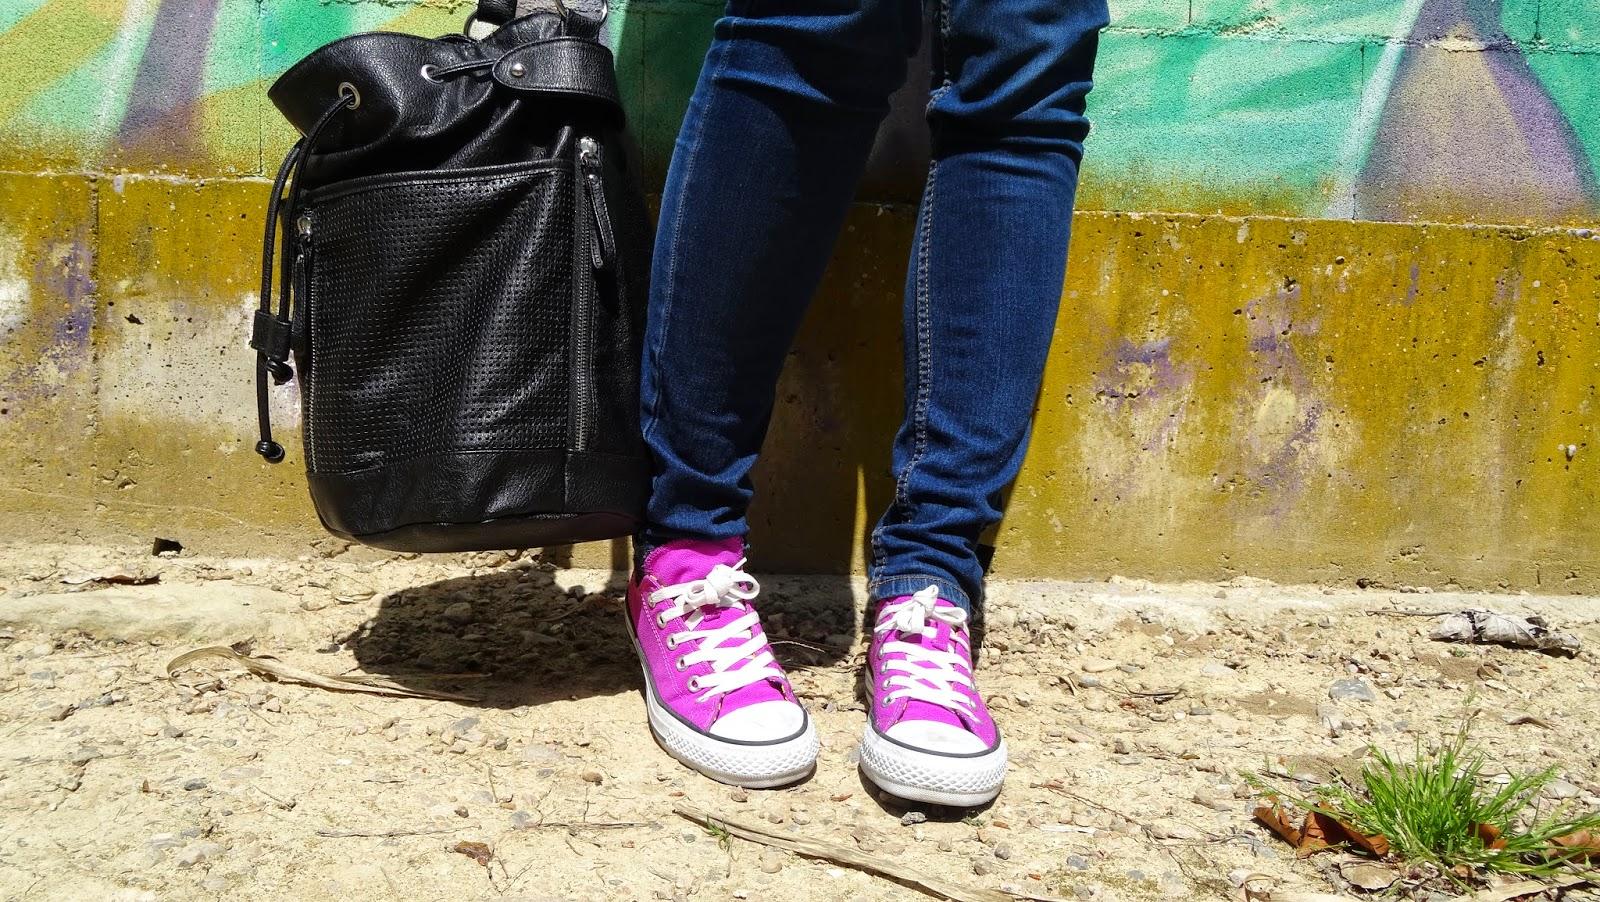 Jersey punto inglés de UNIQLO, jeans de Stradivarius y zapatillas converse un outfit perfecto de básicos que no pueden faltar en tu armario para esta temporada